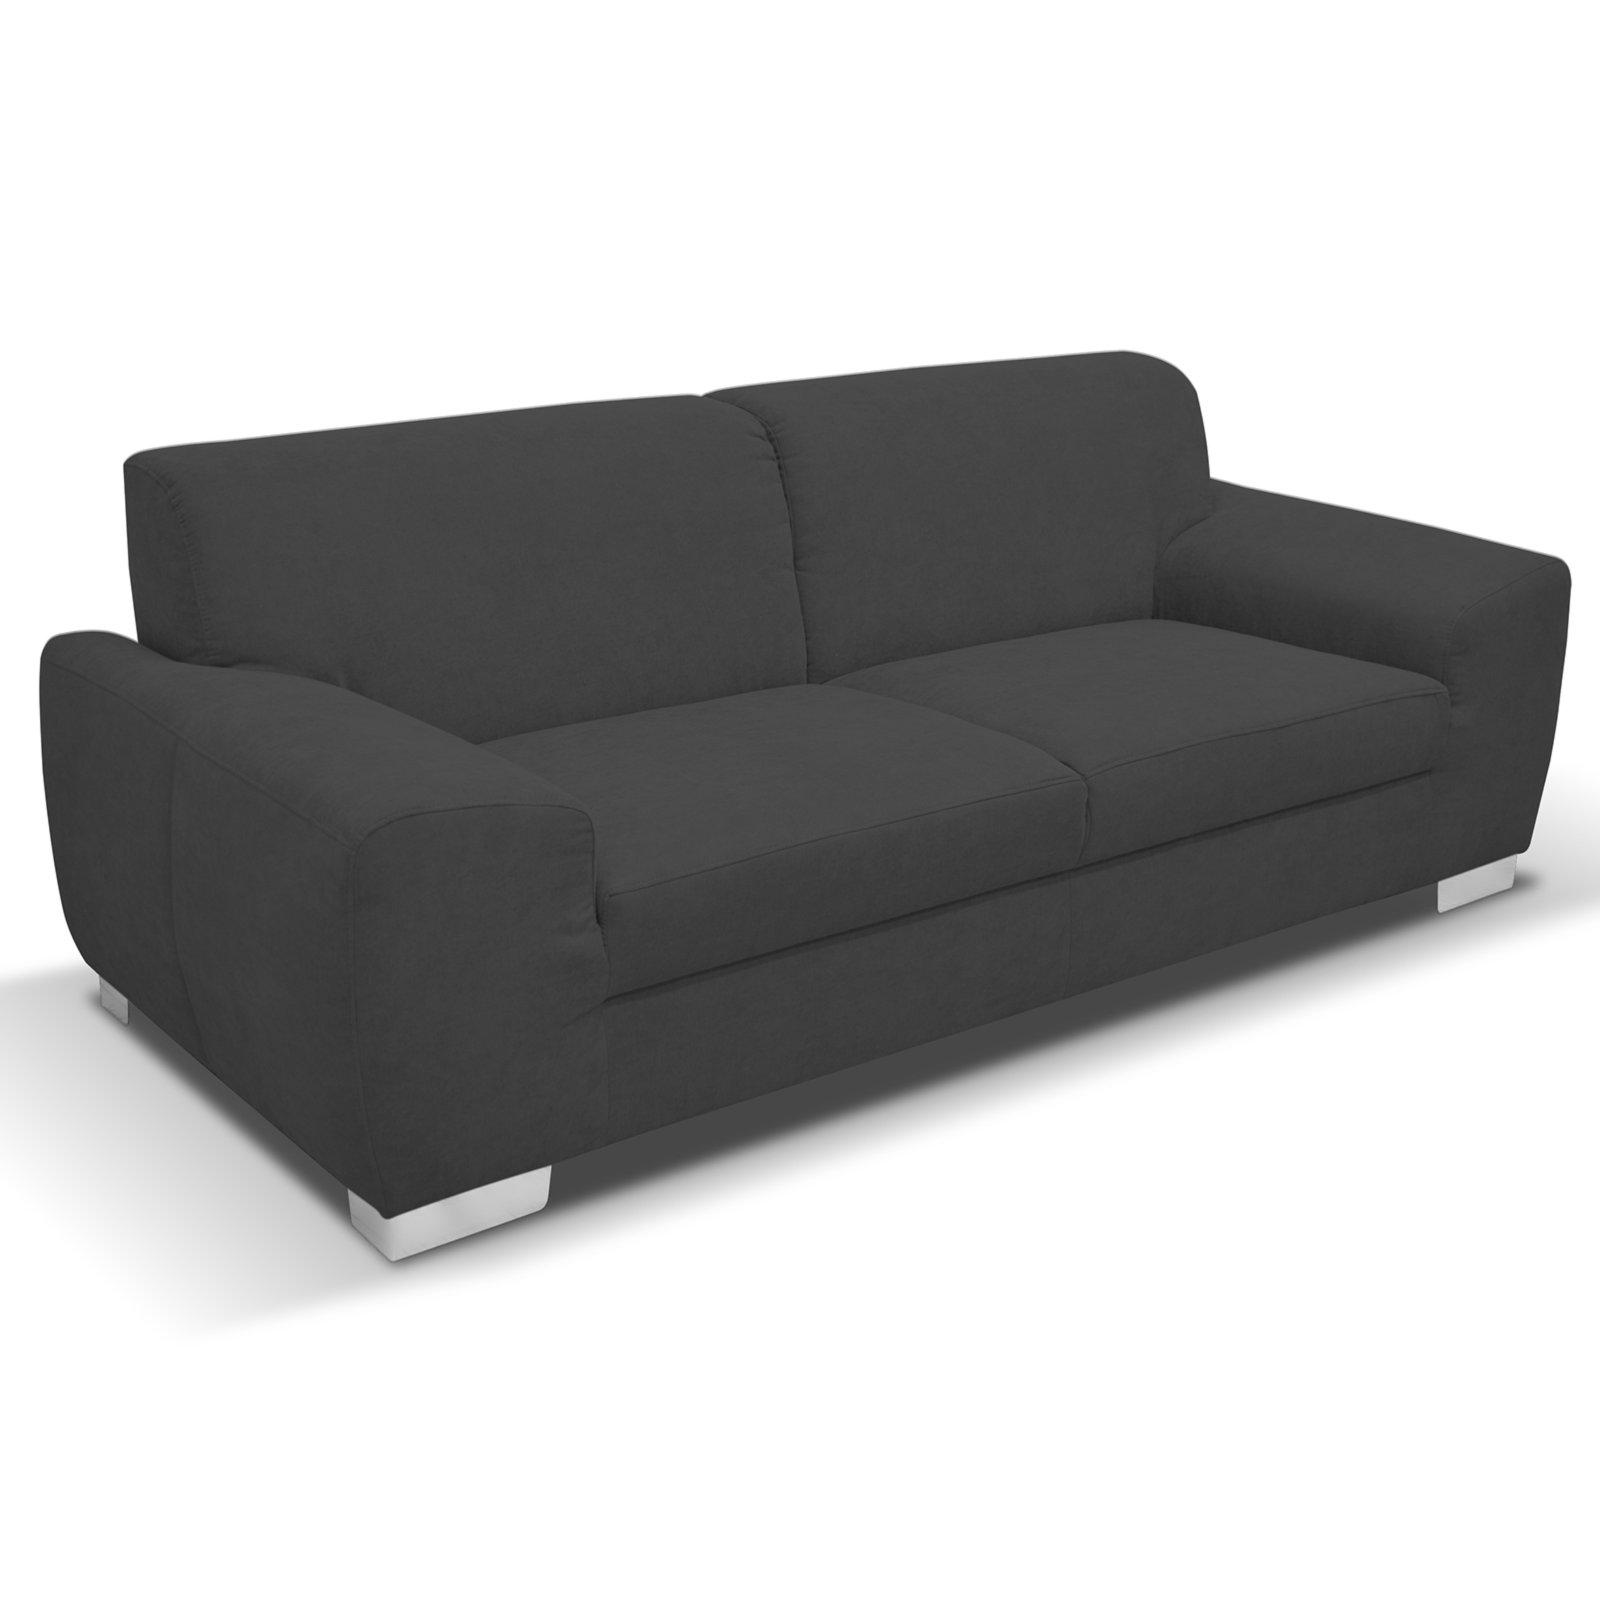 Bemerkenswert Couch Dunkelgrau Sammlung Von Sofa - - 3-sitzer